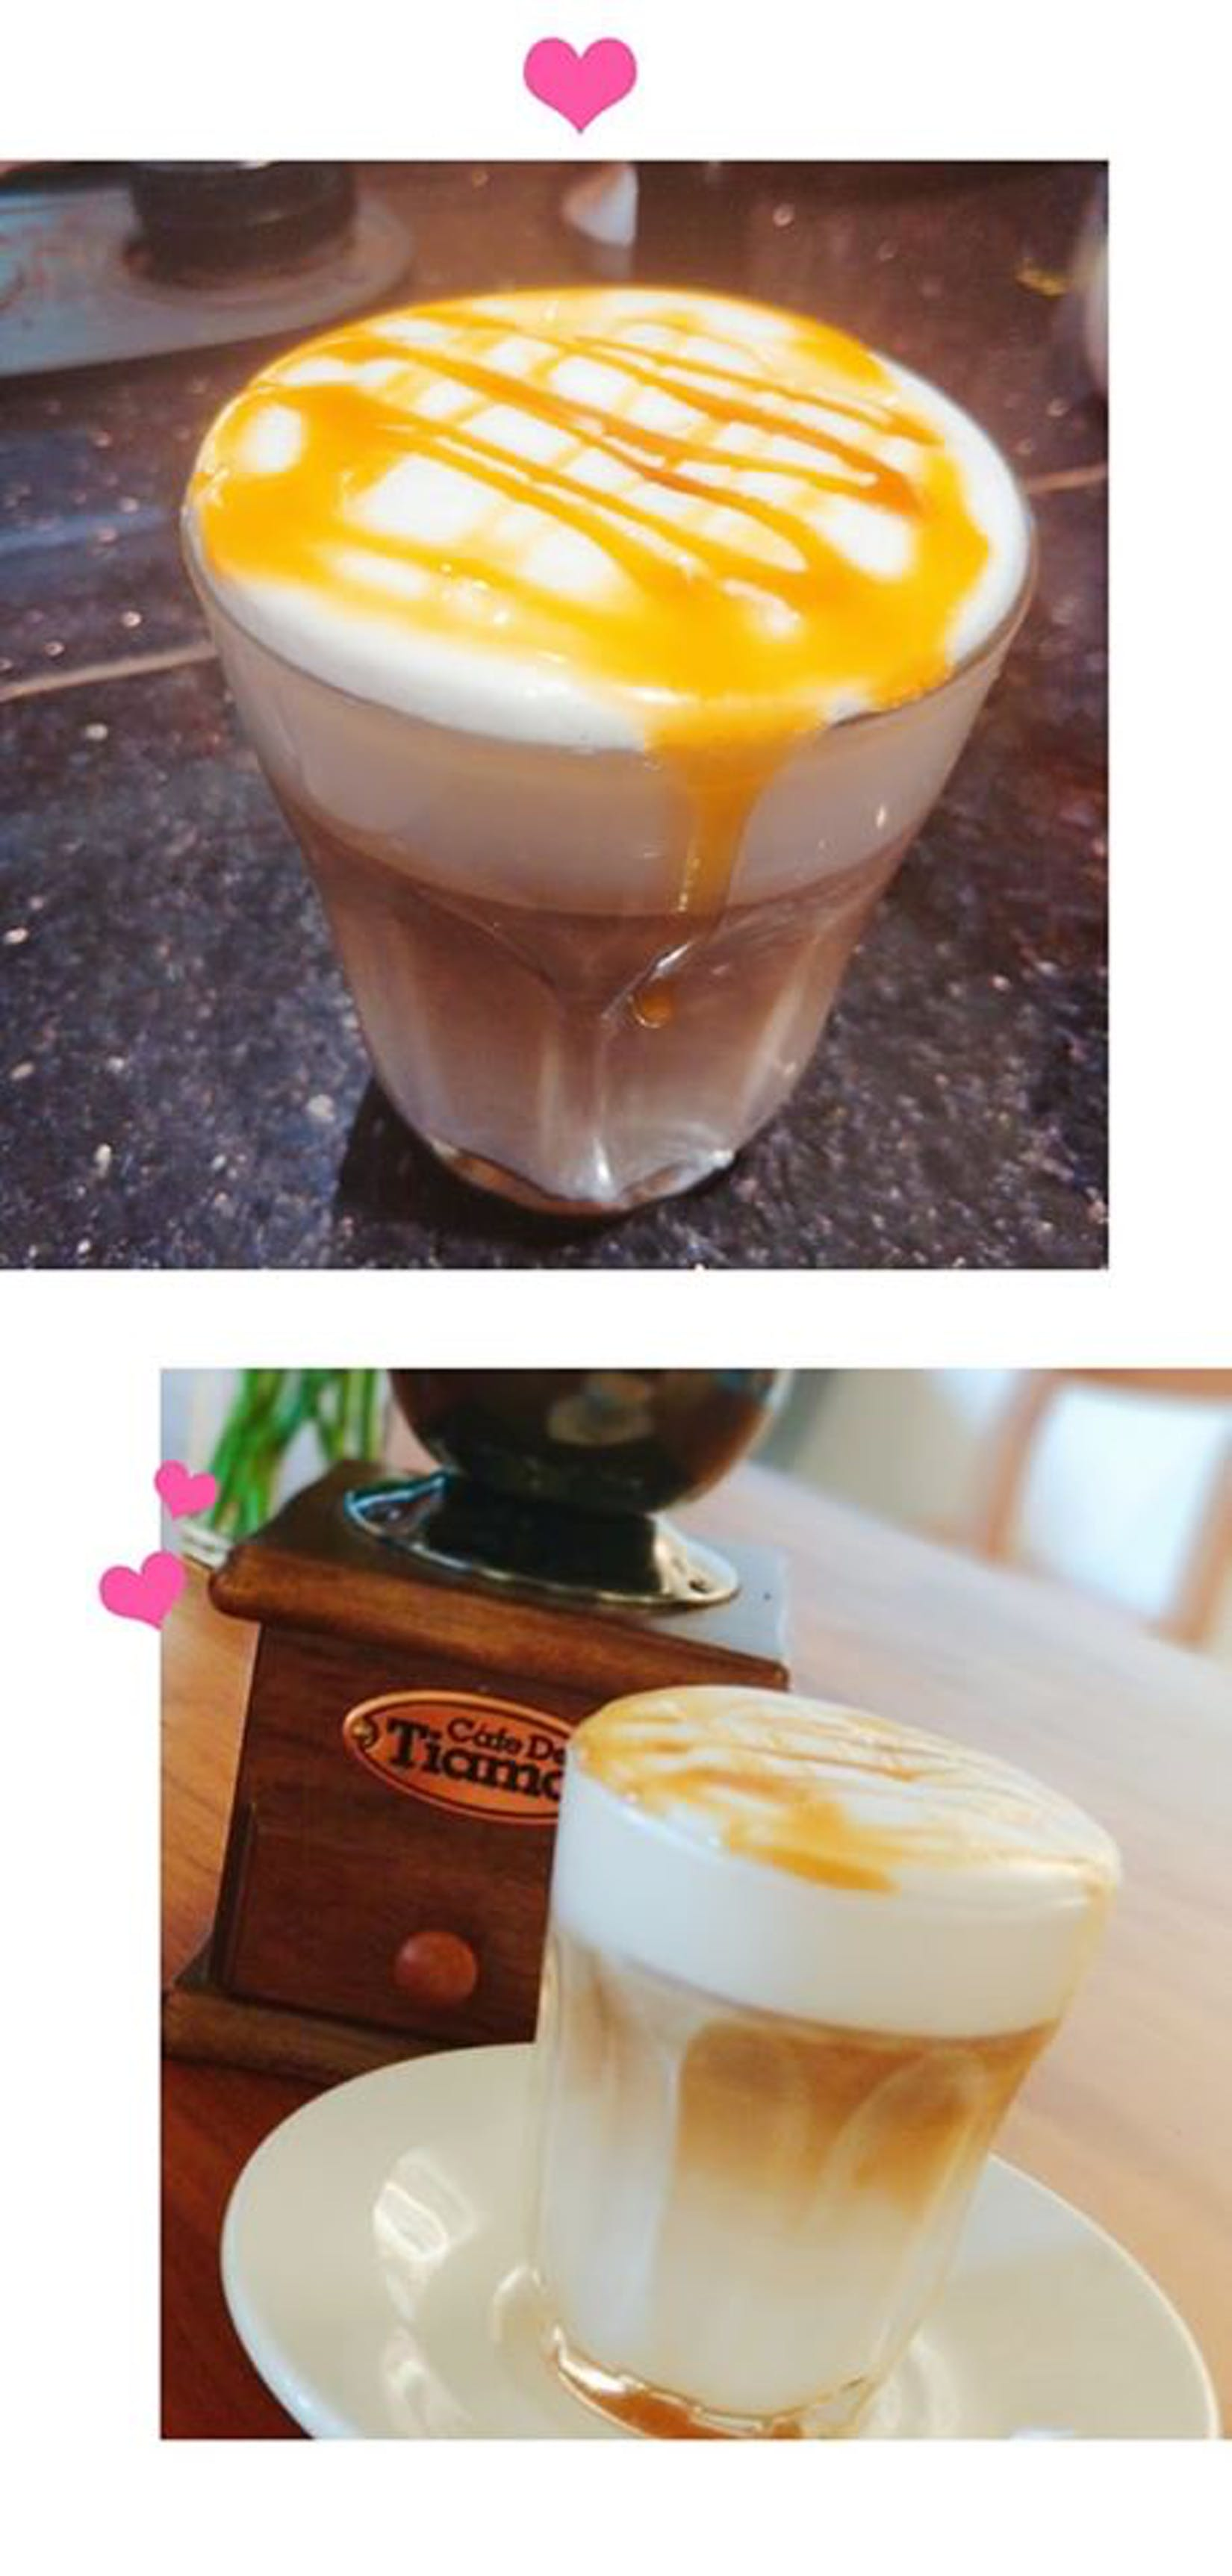 Goffee-Coffee | yathar